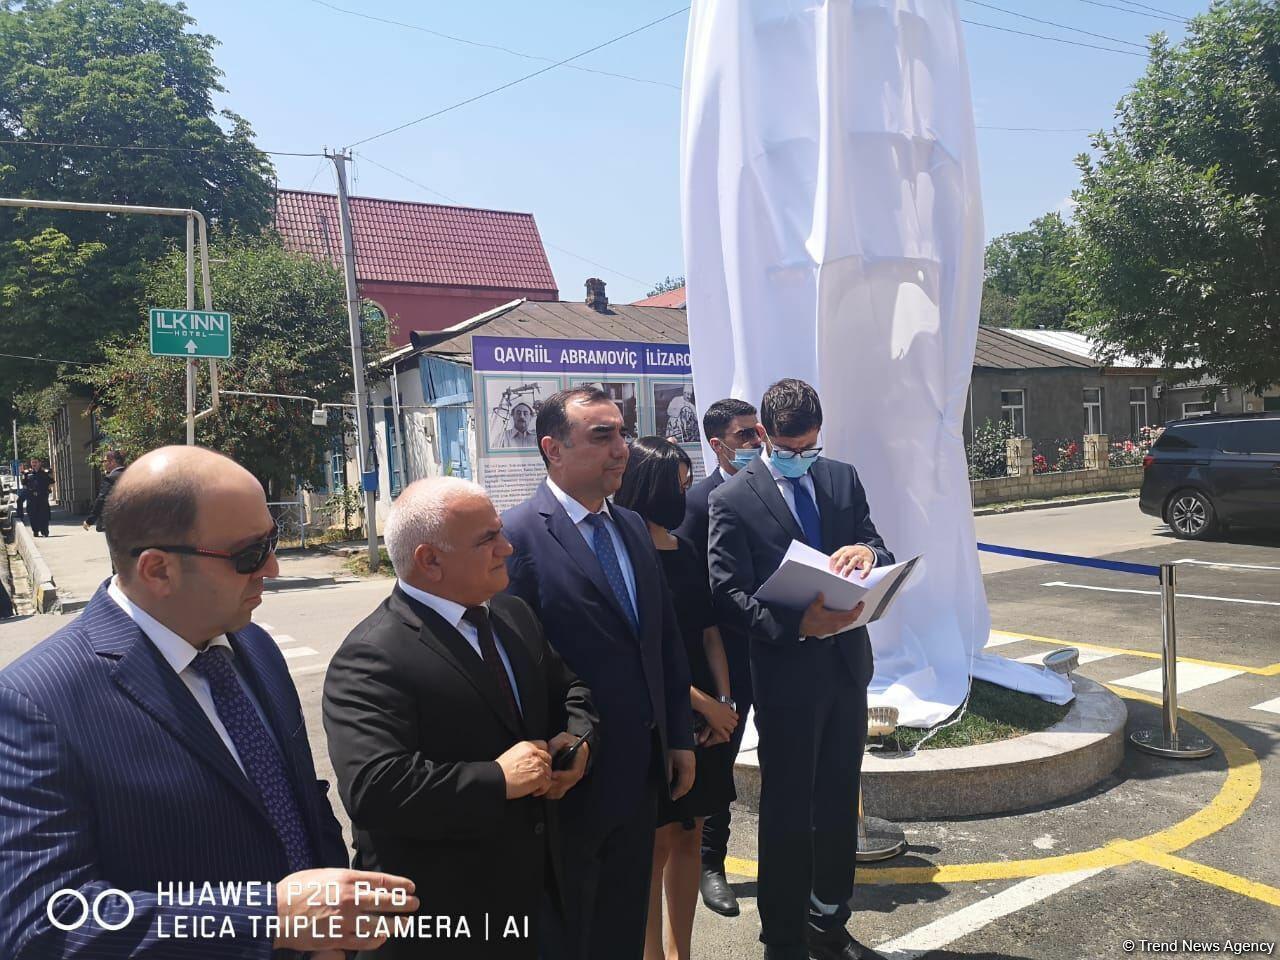 В Гусаре появилась инсталляция, посвященная аппарату Илизарова